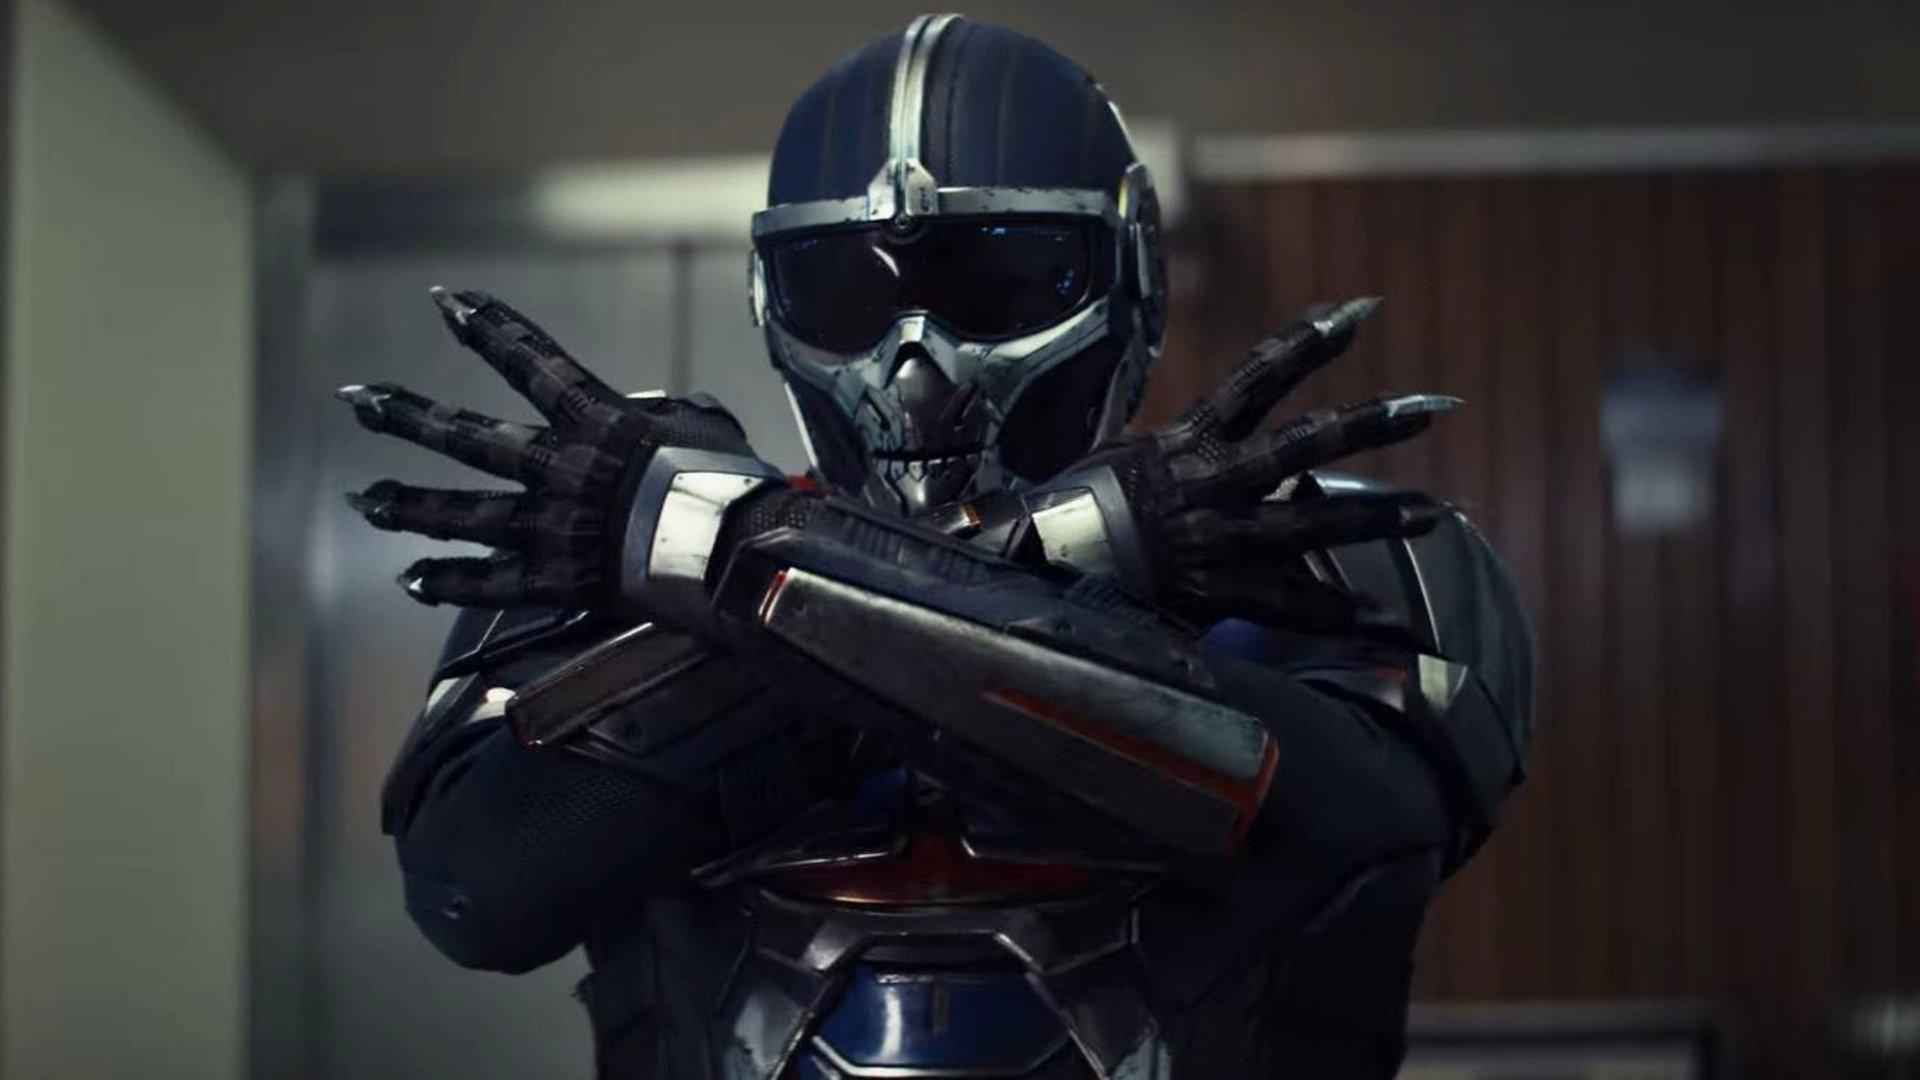 Neues Bild beweist: Darum ist der neue Marvel-Bösewicht Taskmaster so gefährlich · KINO.de